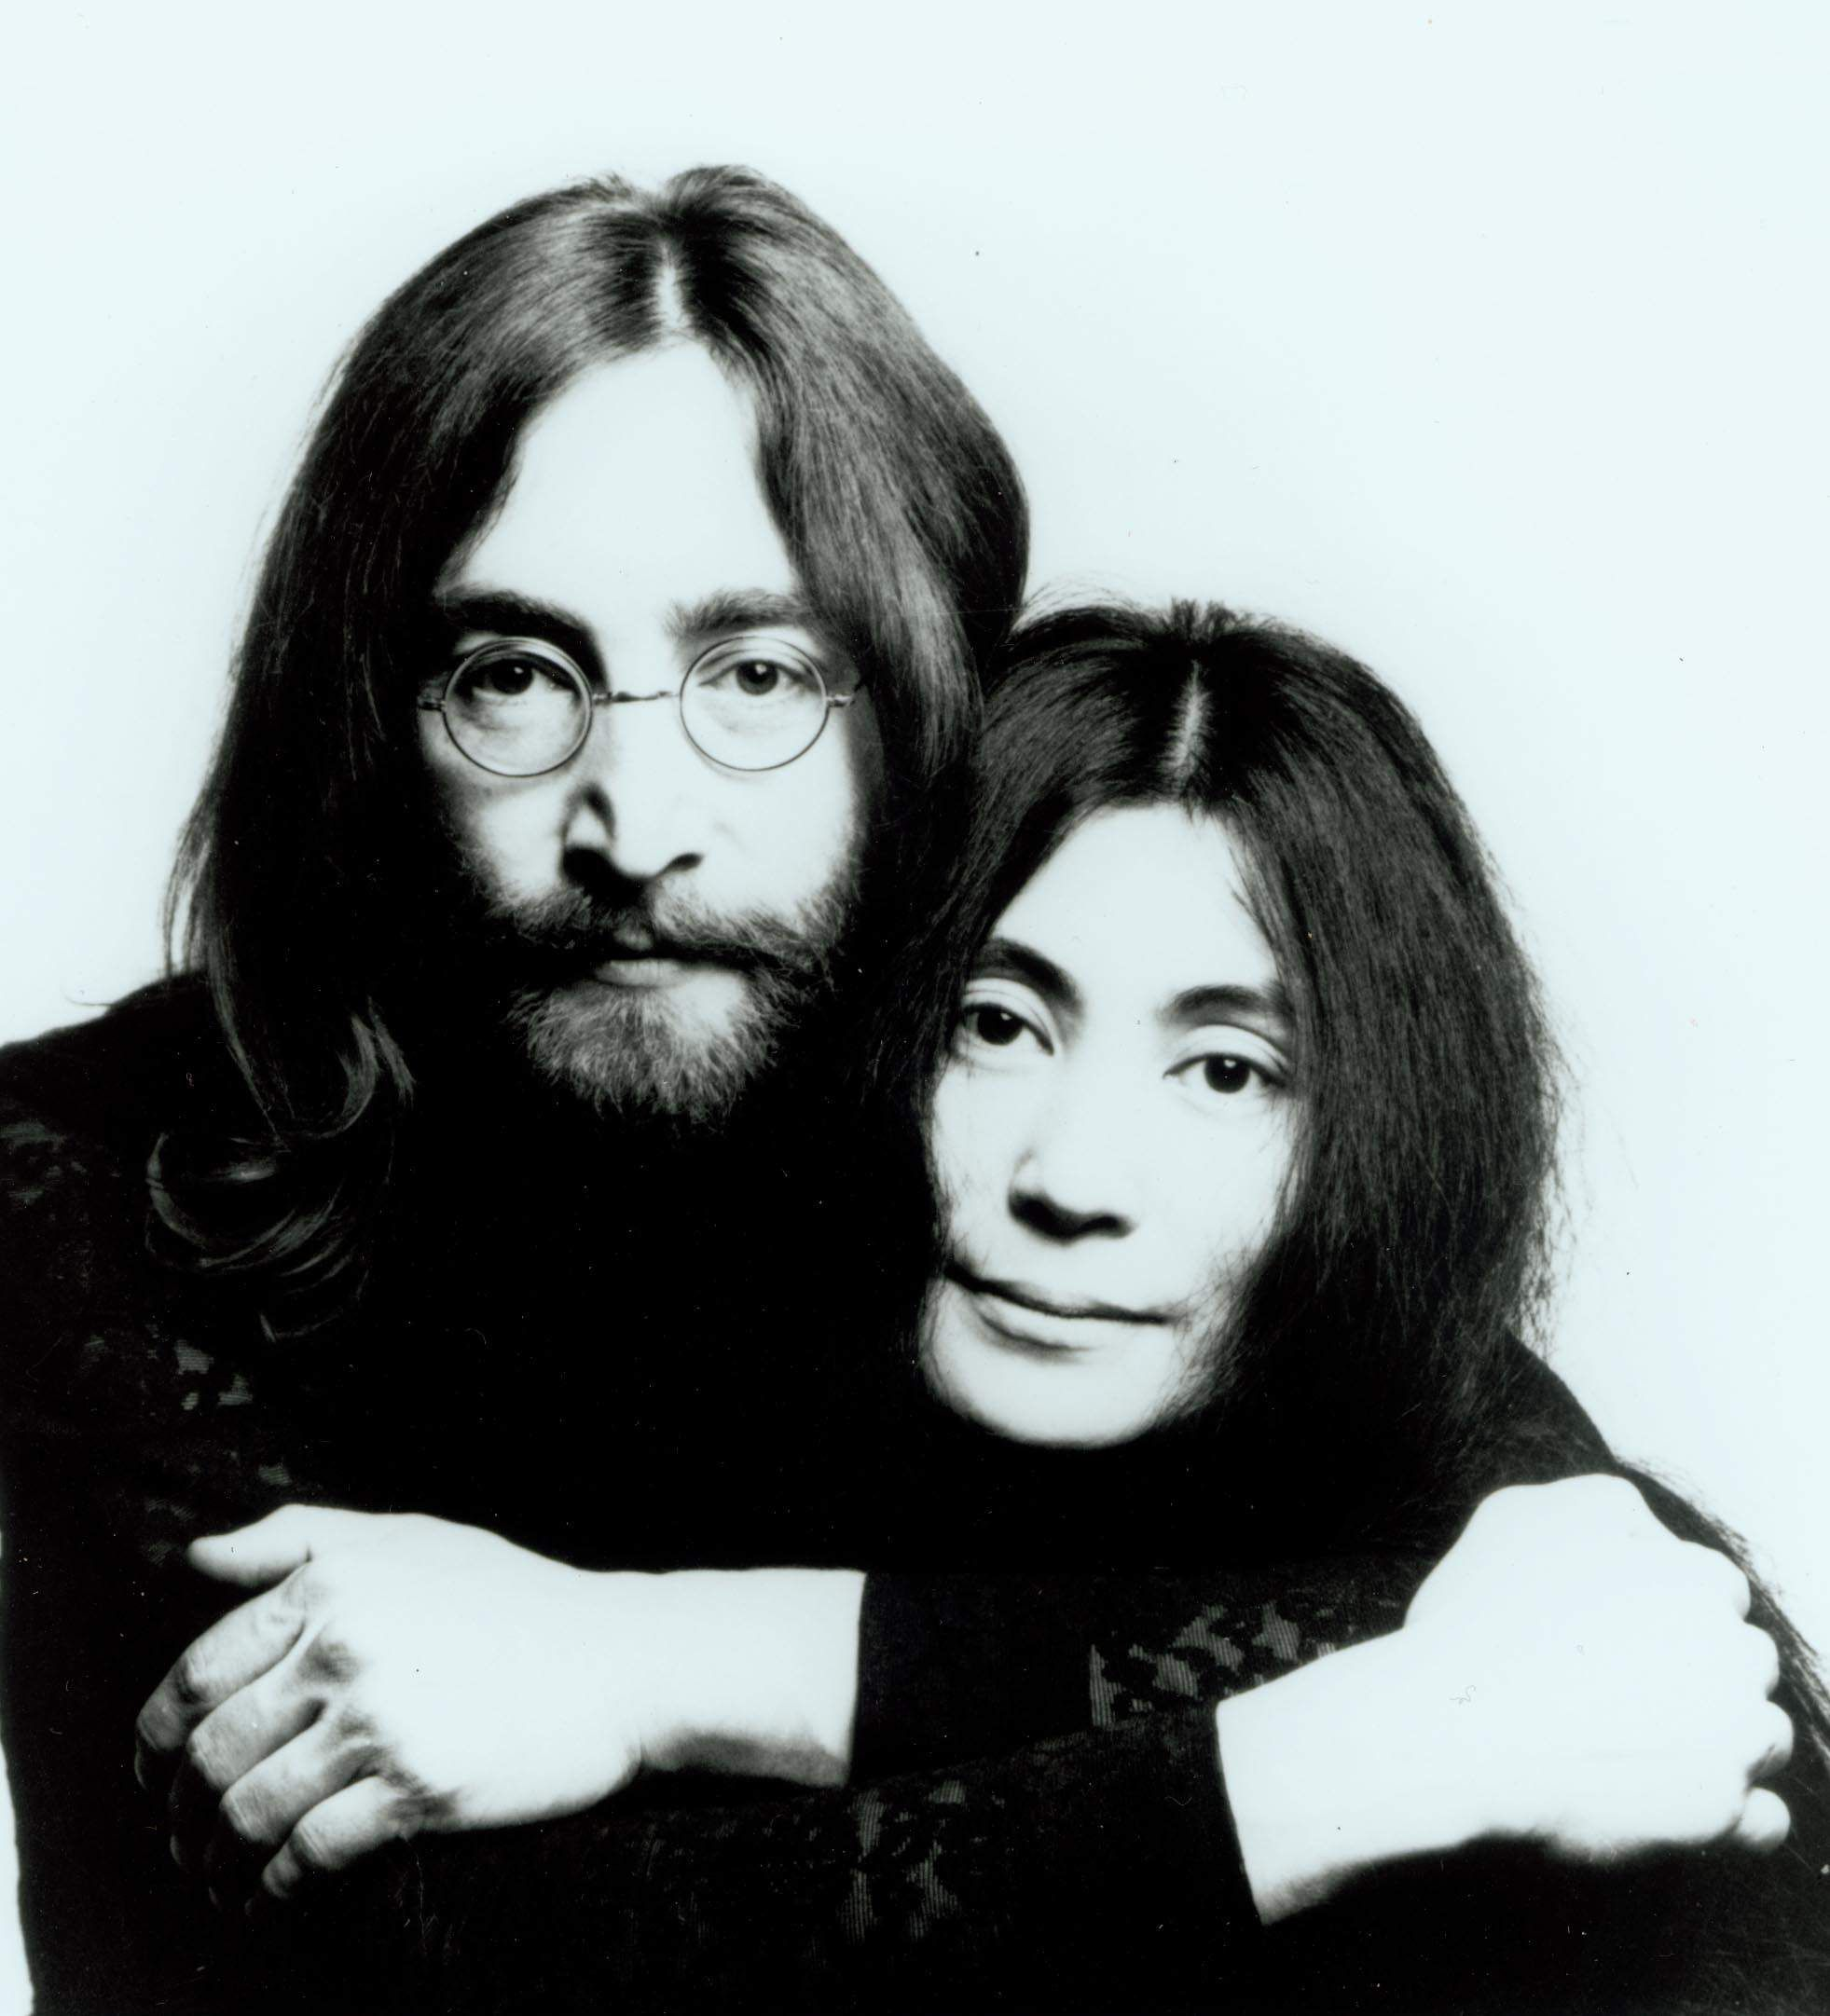 John Lennon plagiato da Yoko Ono, la biografia scandalo